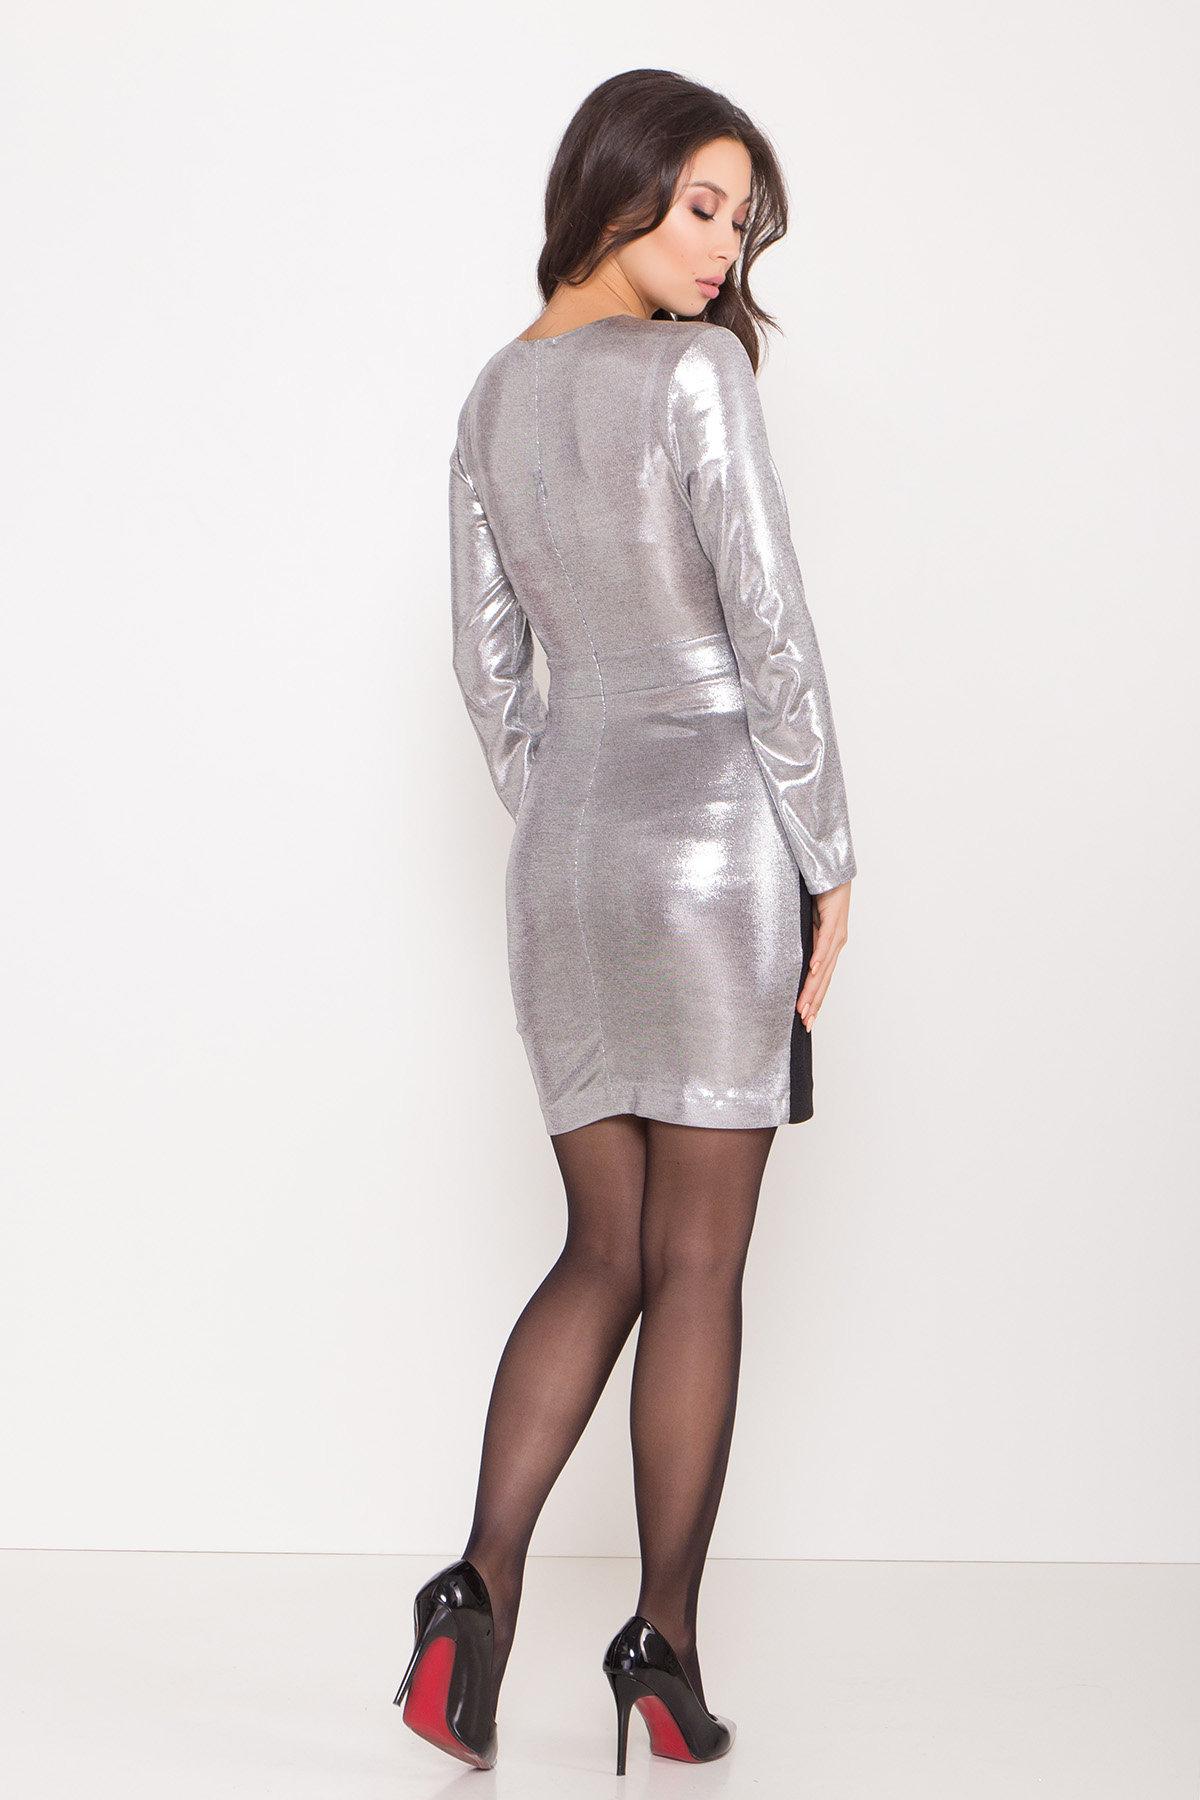 Контрастное двухцветное платье Блеск 8679 АРТ. 45004 Цвет: Серый/серебро - фото 7, интернет магазин tm-modus.ru